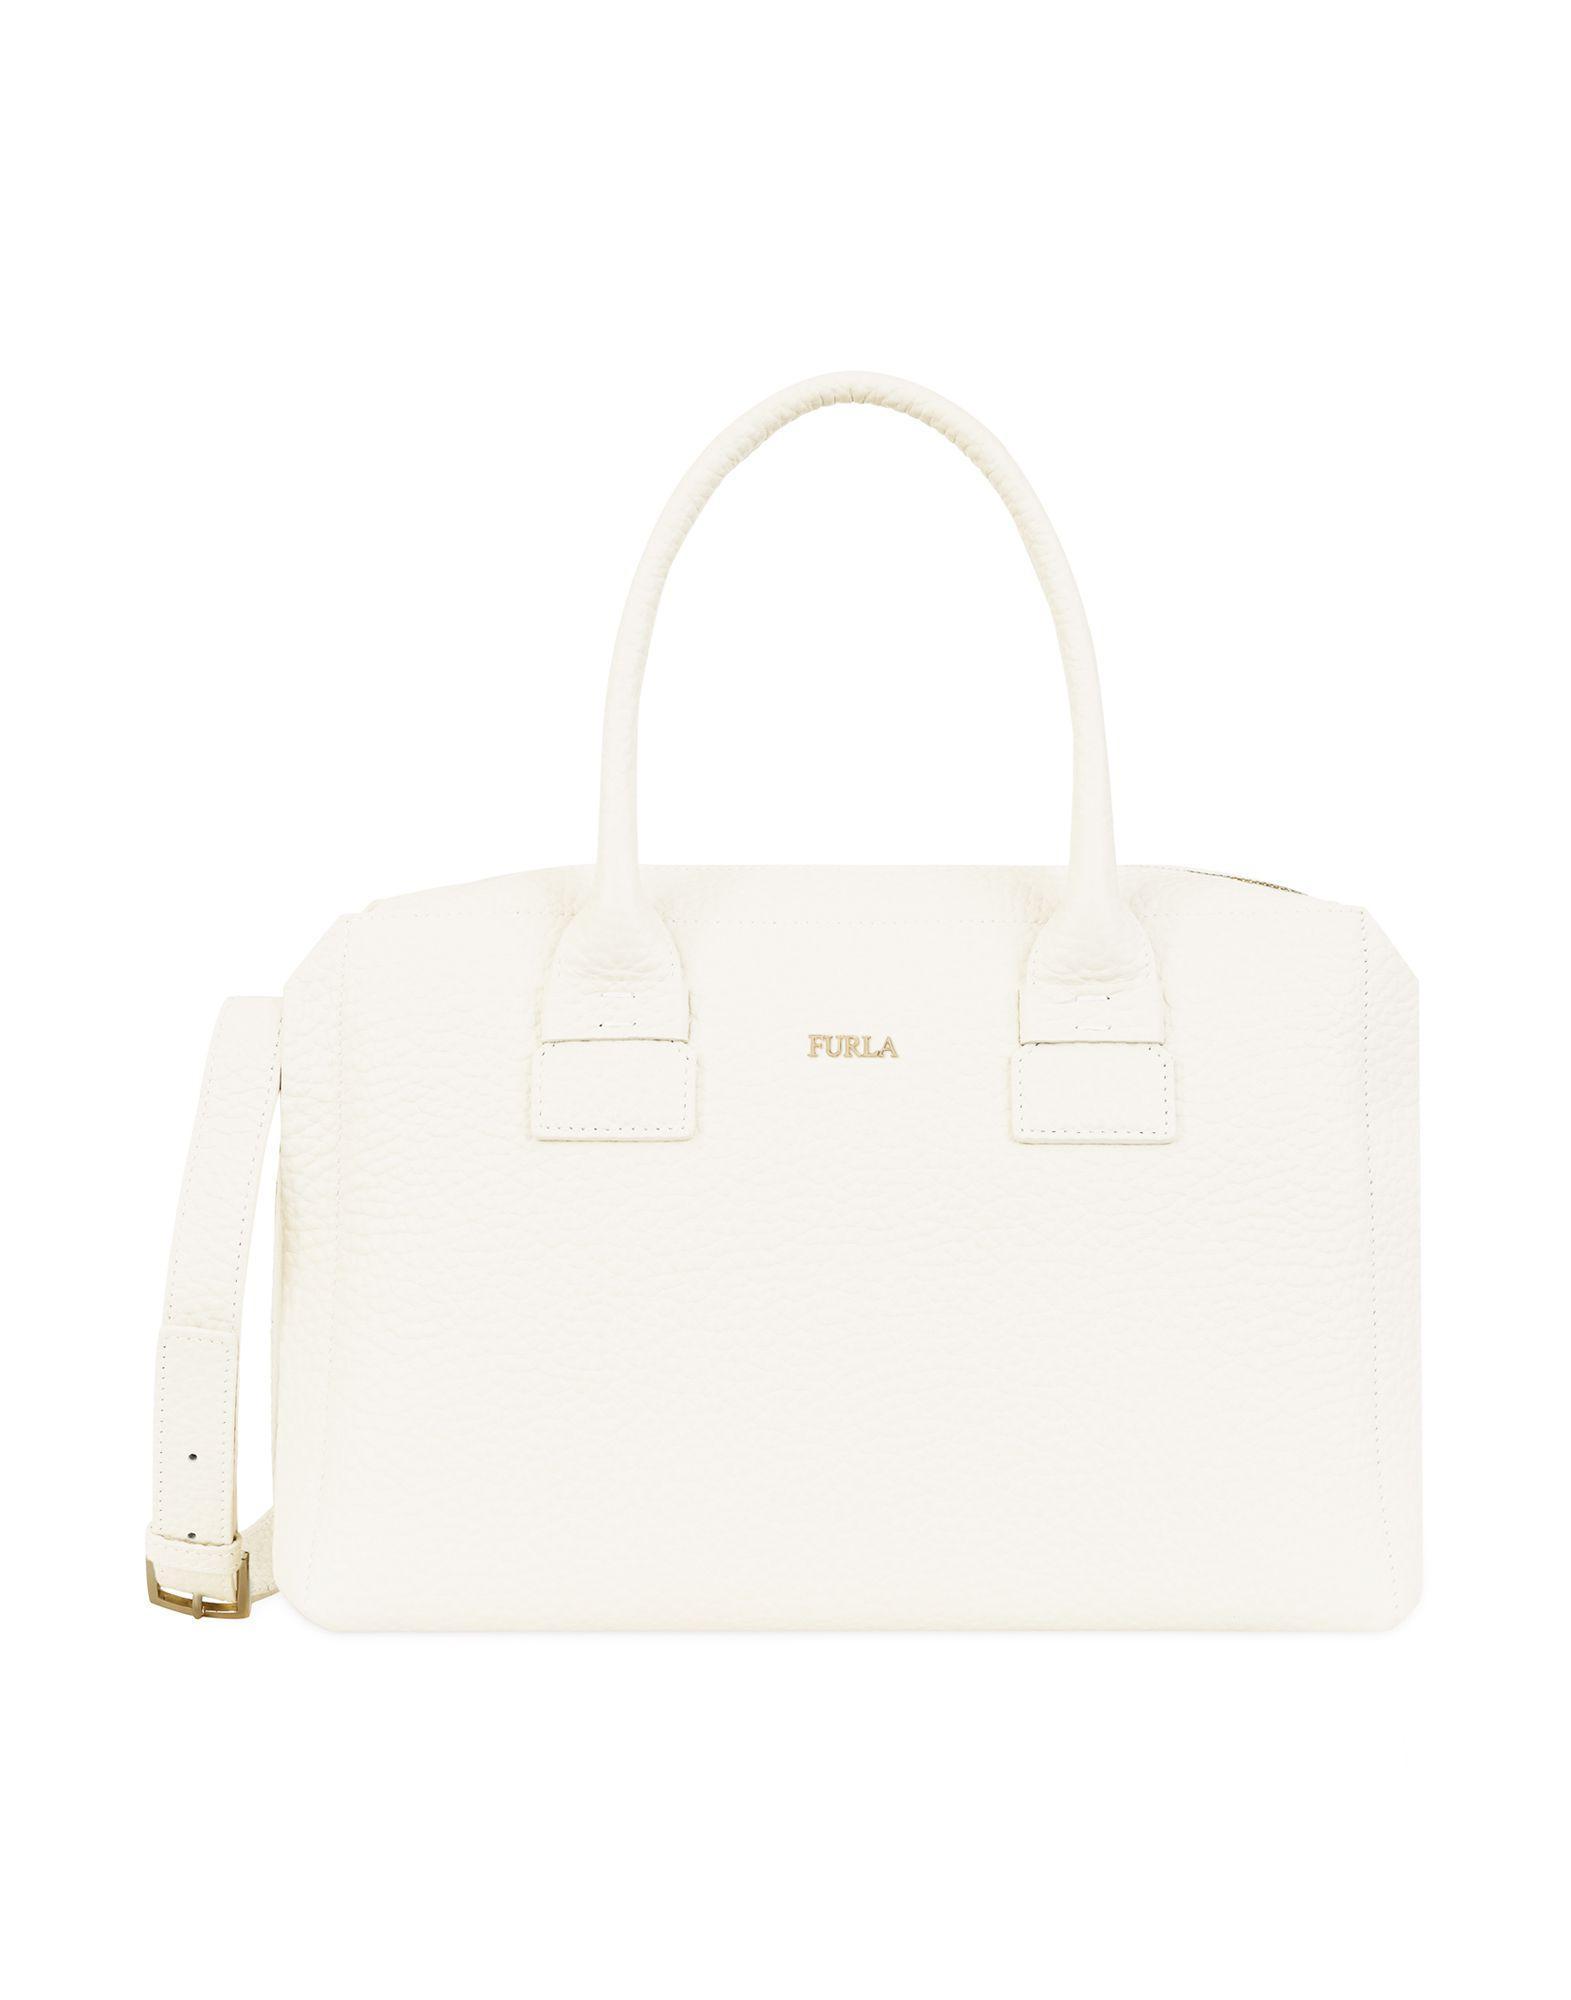 Furla Handbag In Ivory